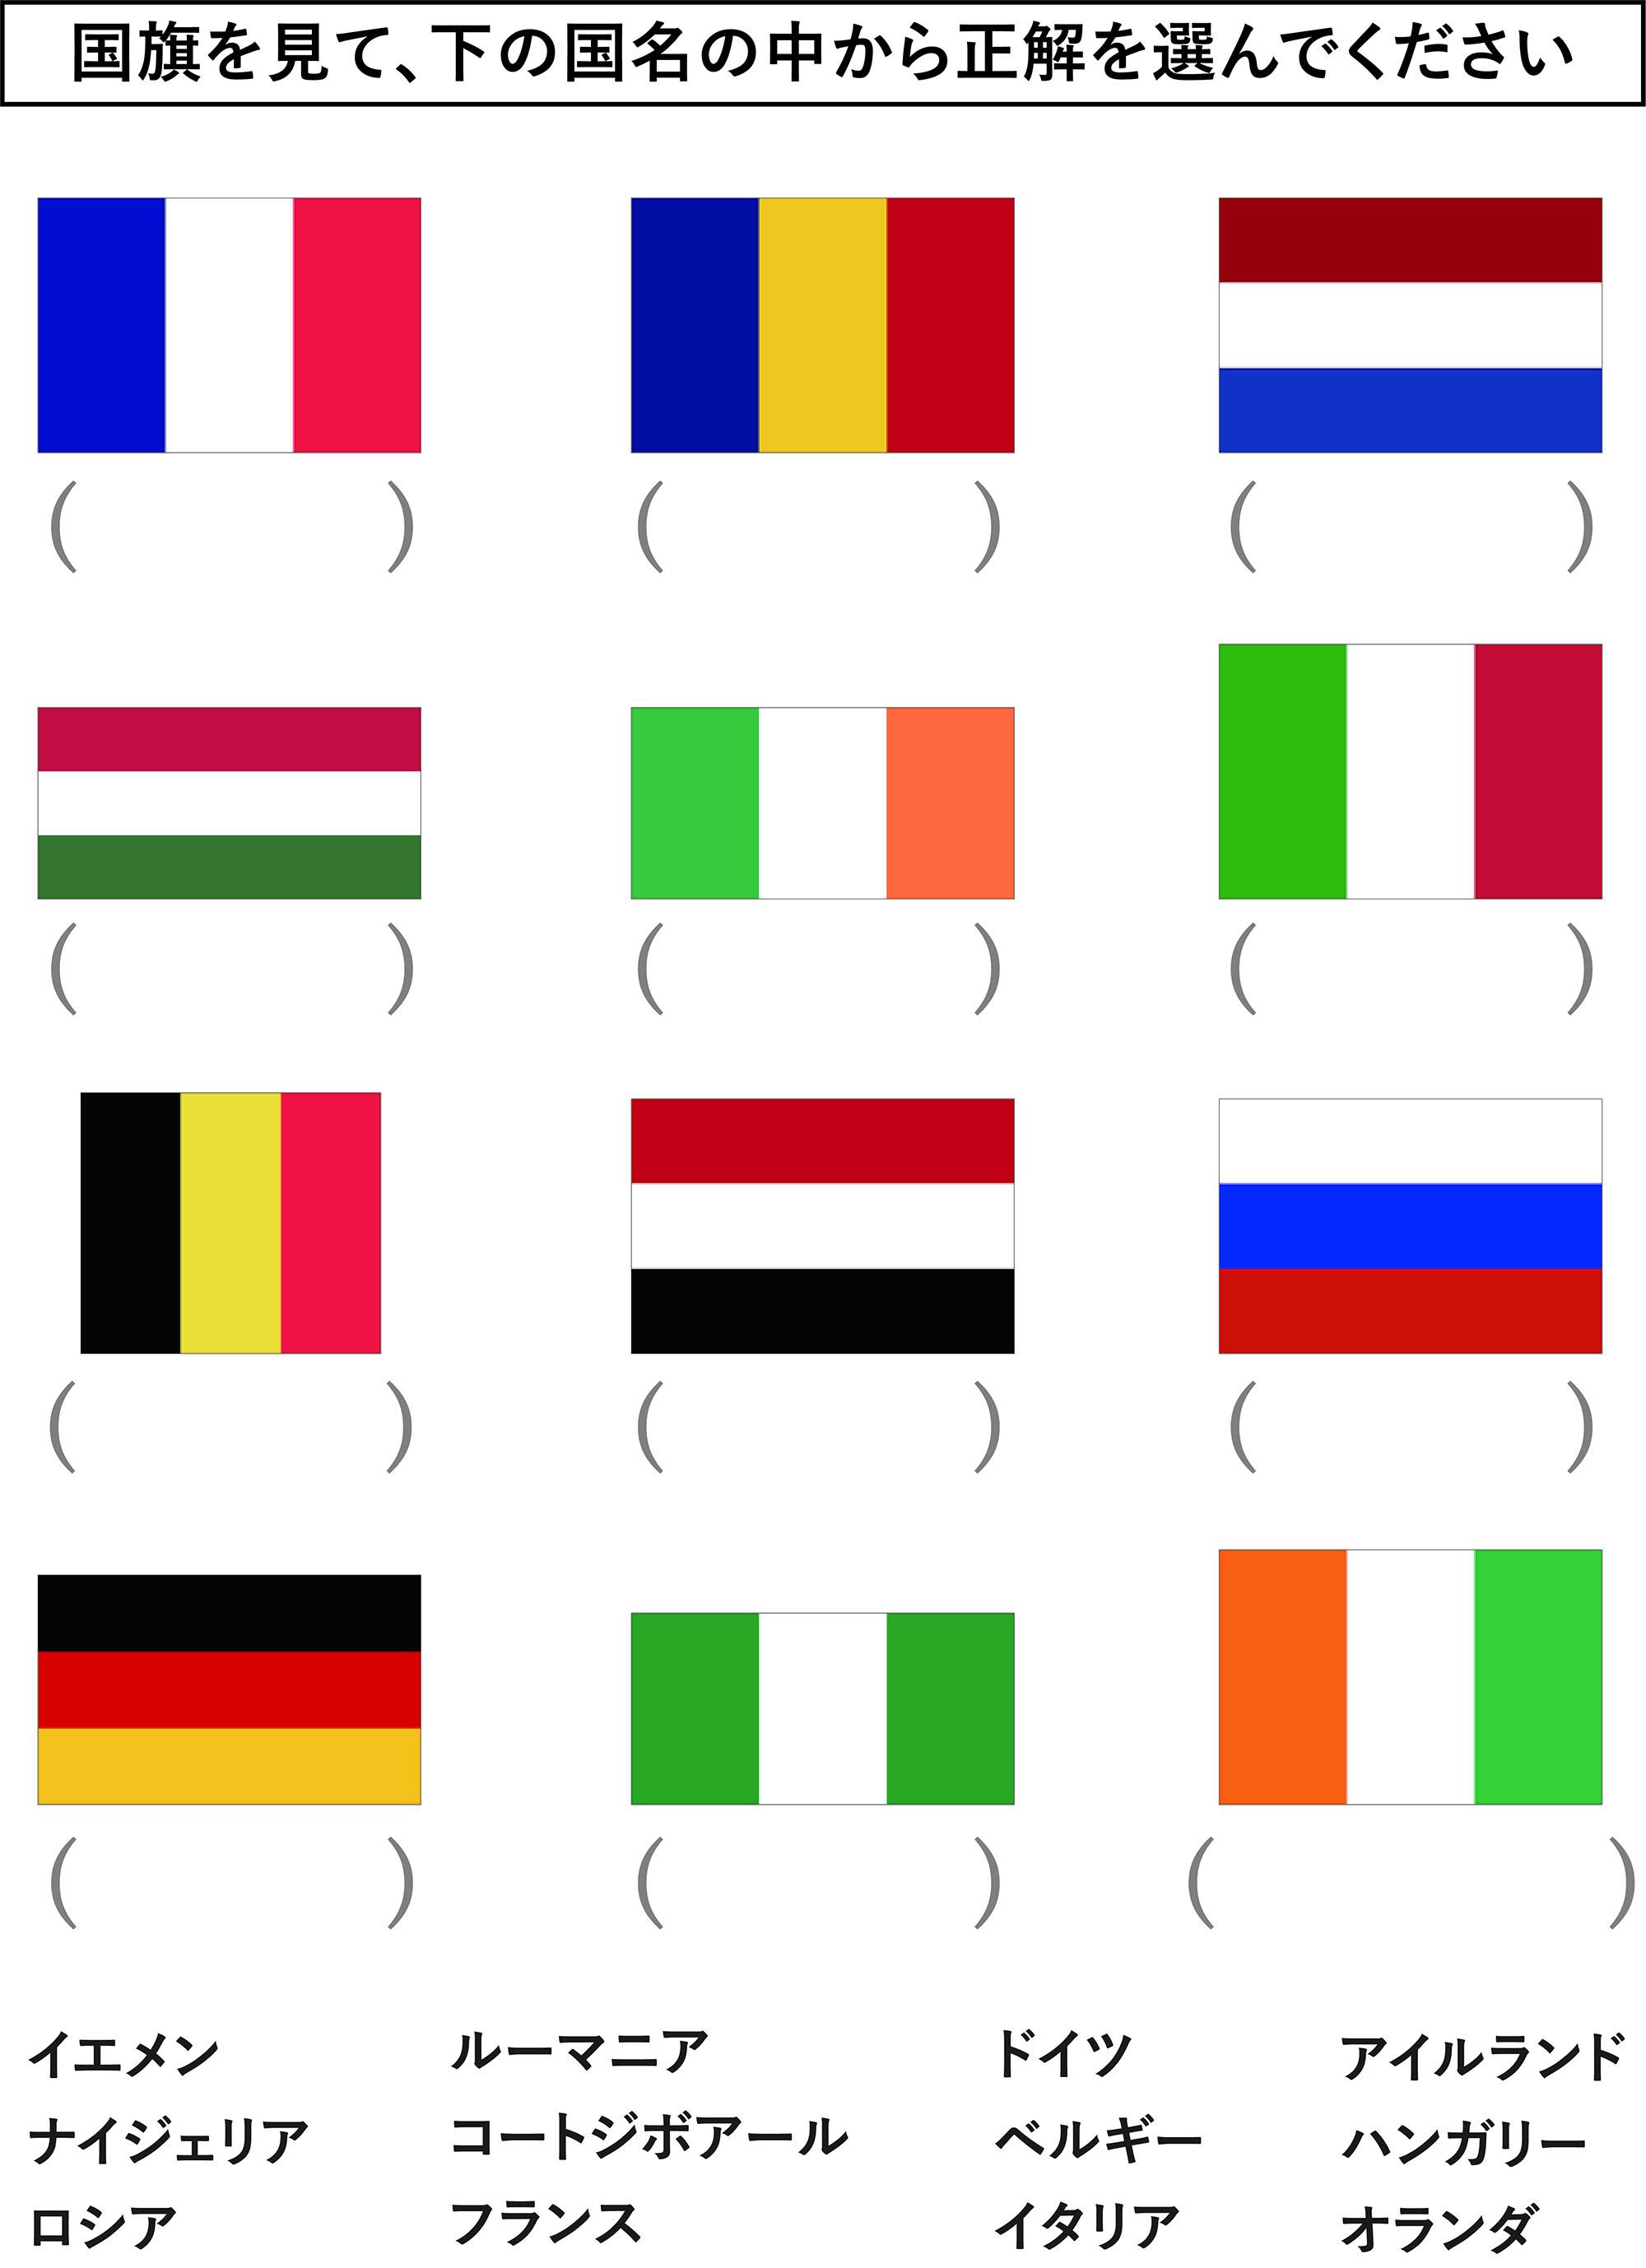 レク素材 国旗クイズ介護レク広場レク素材やレクネタ企画書の